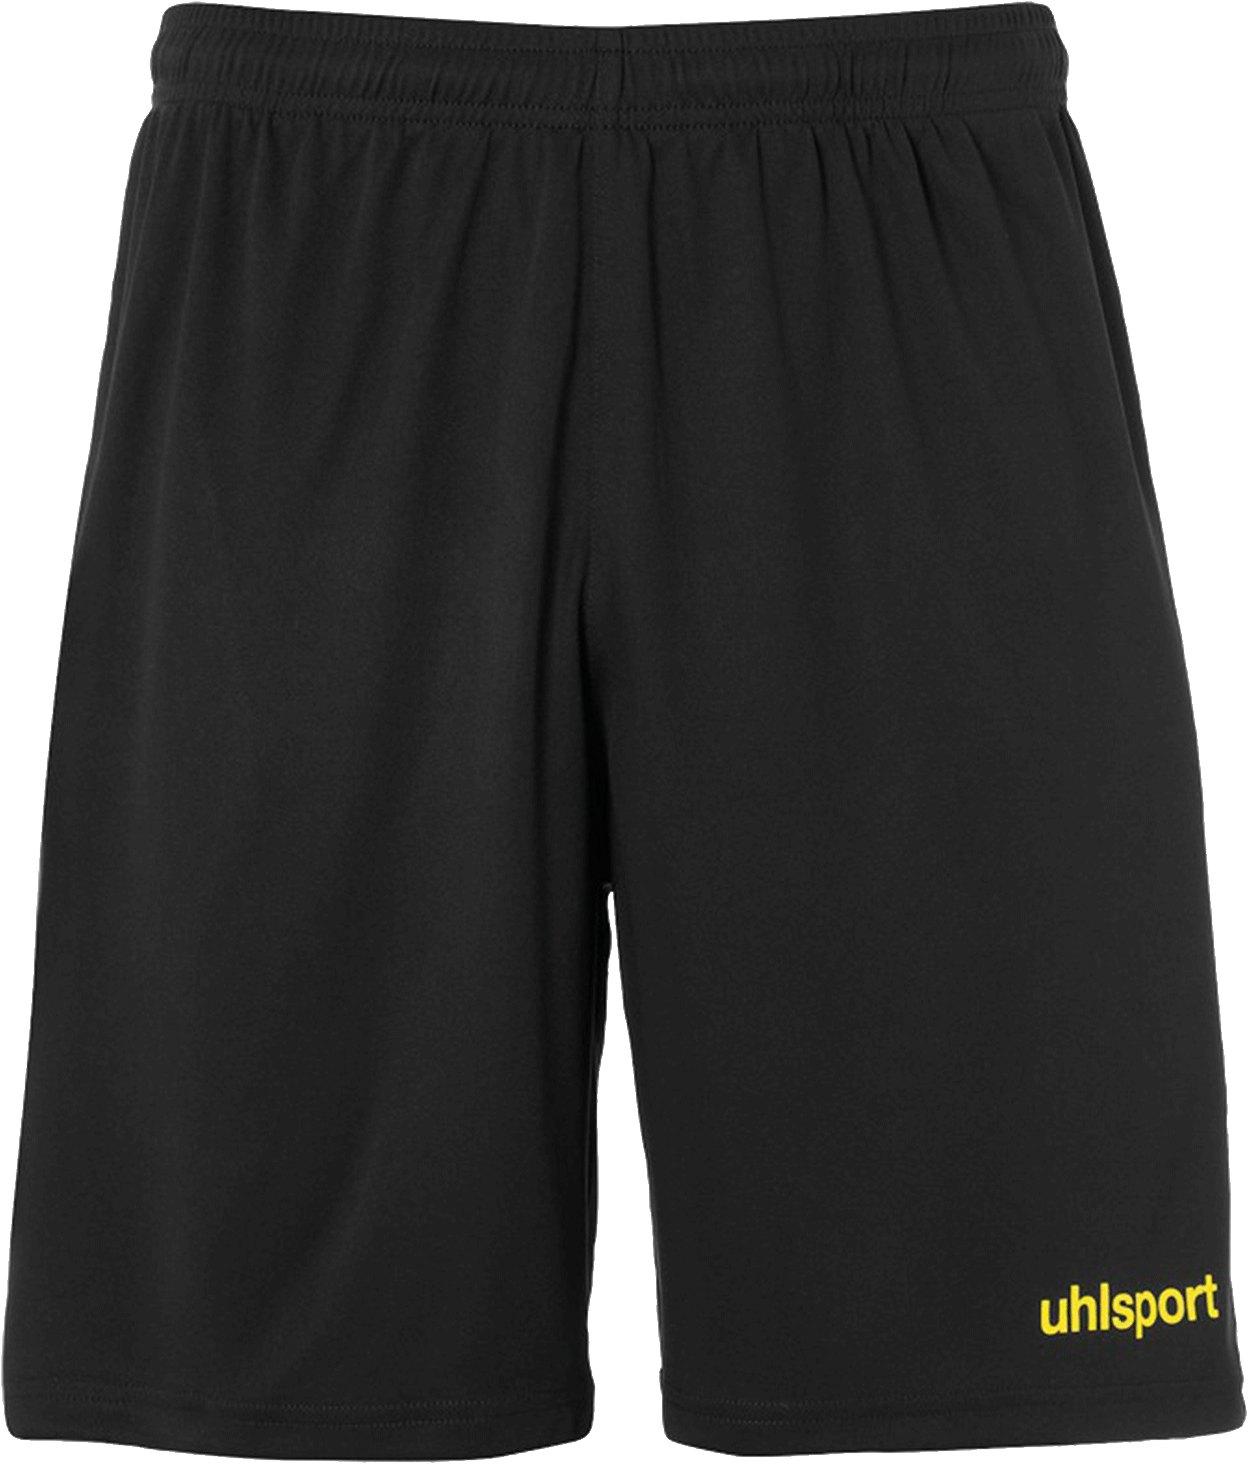 Uhlsport Center Basic Short ohne Slip Kids F26 - Schwarz